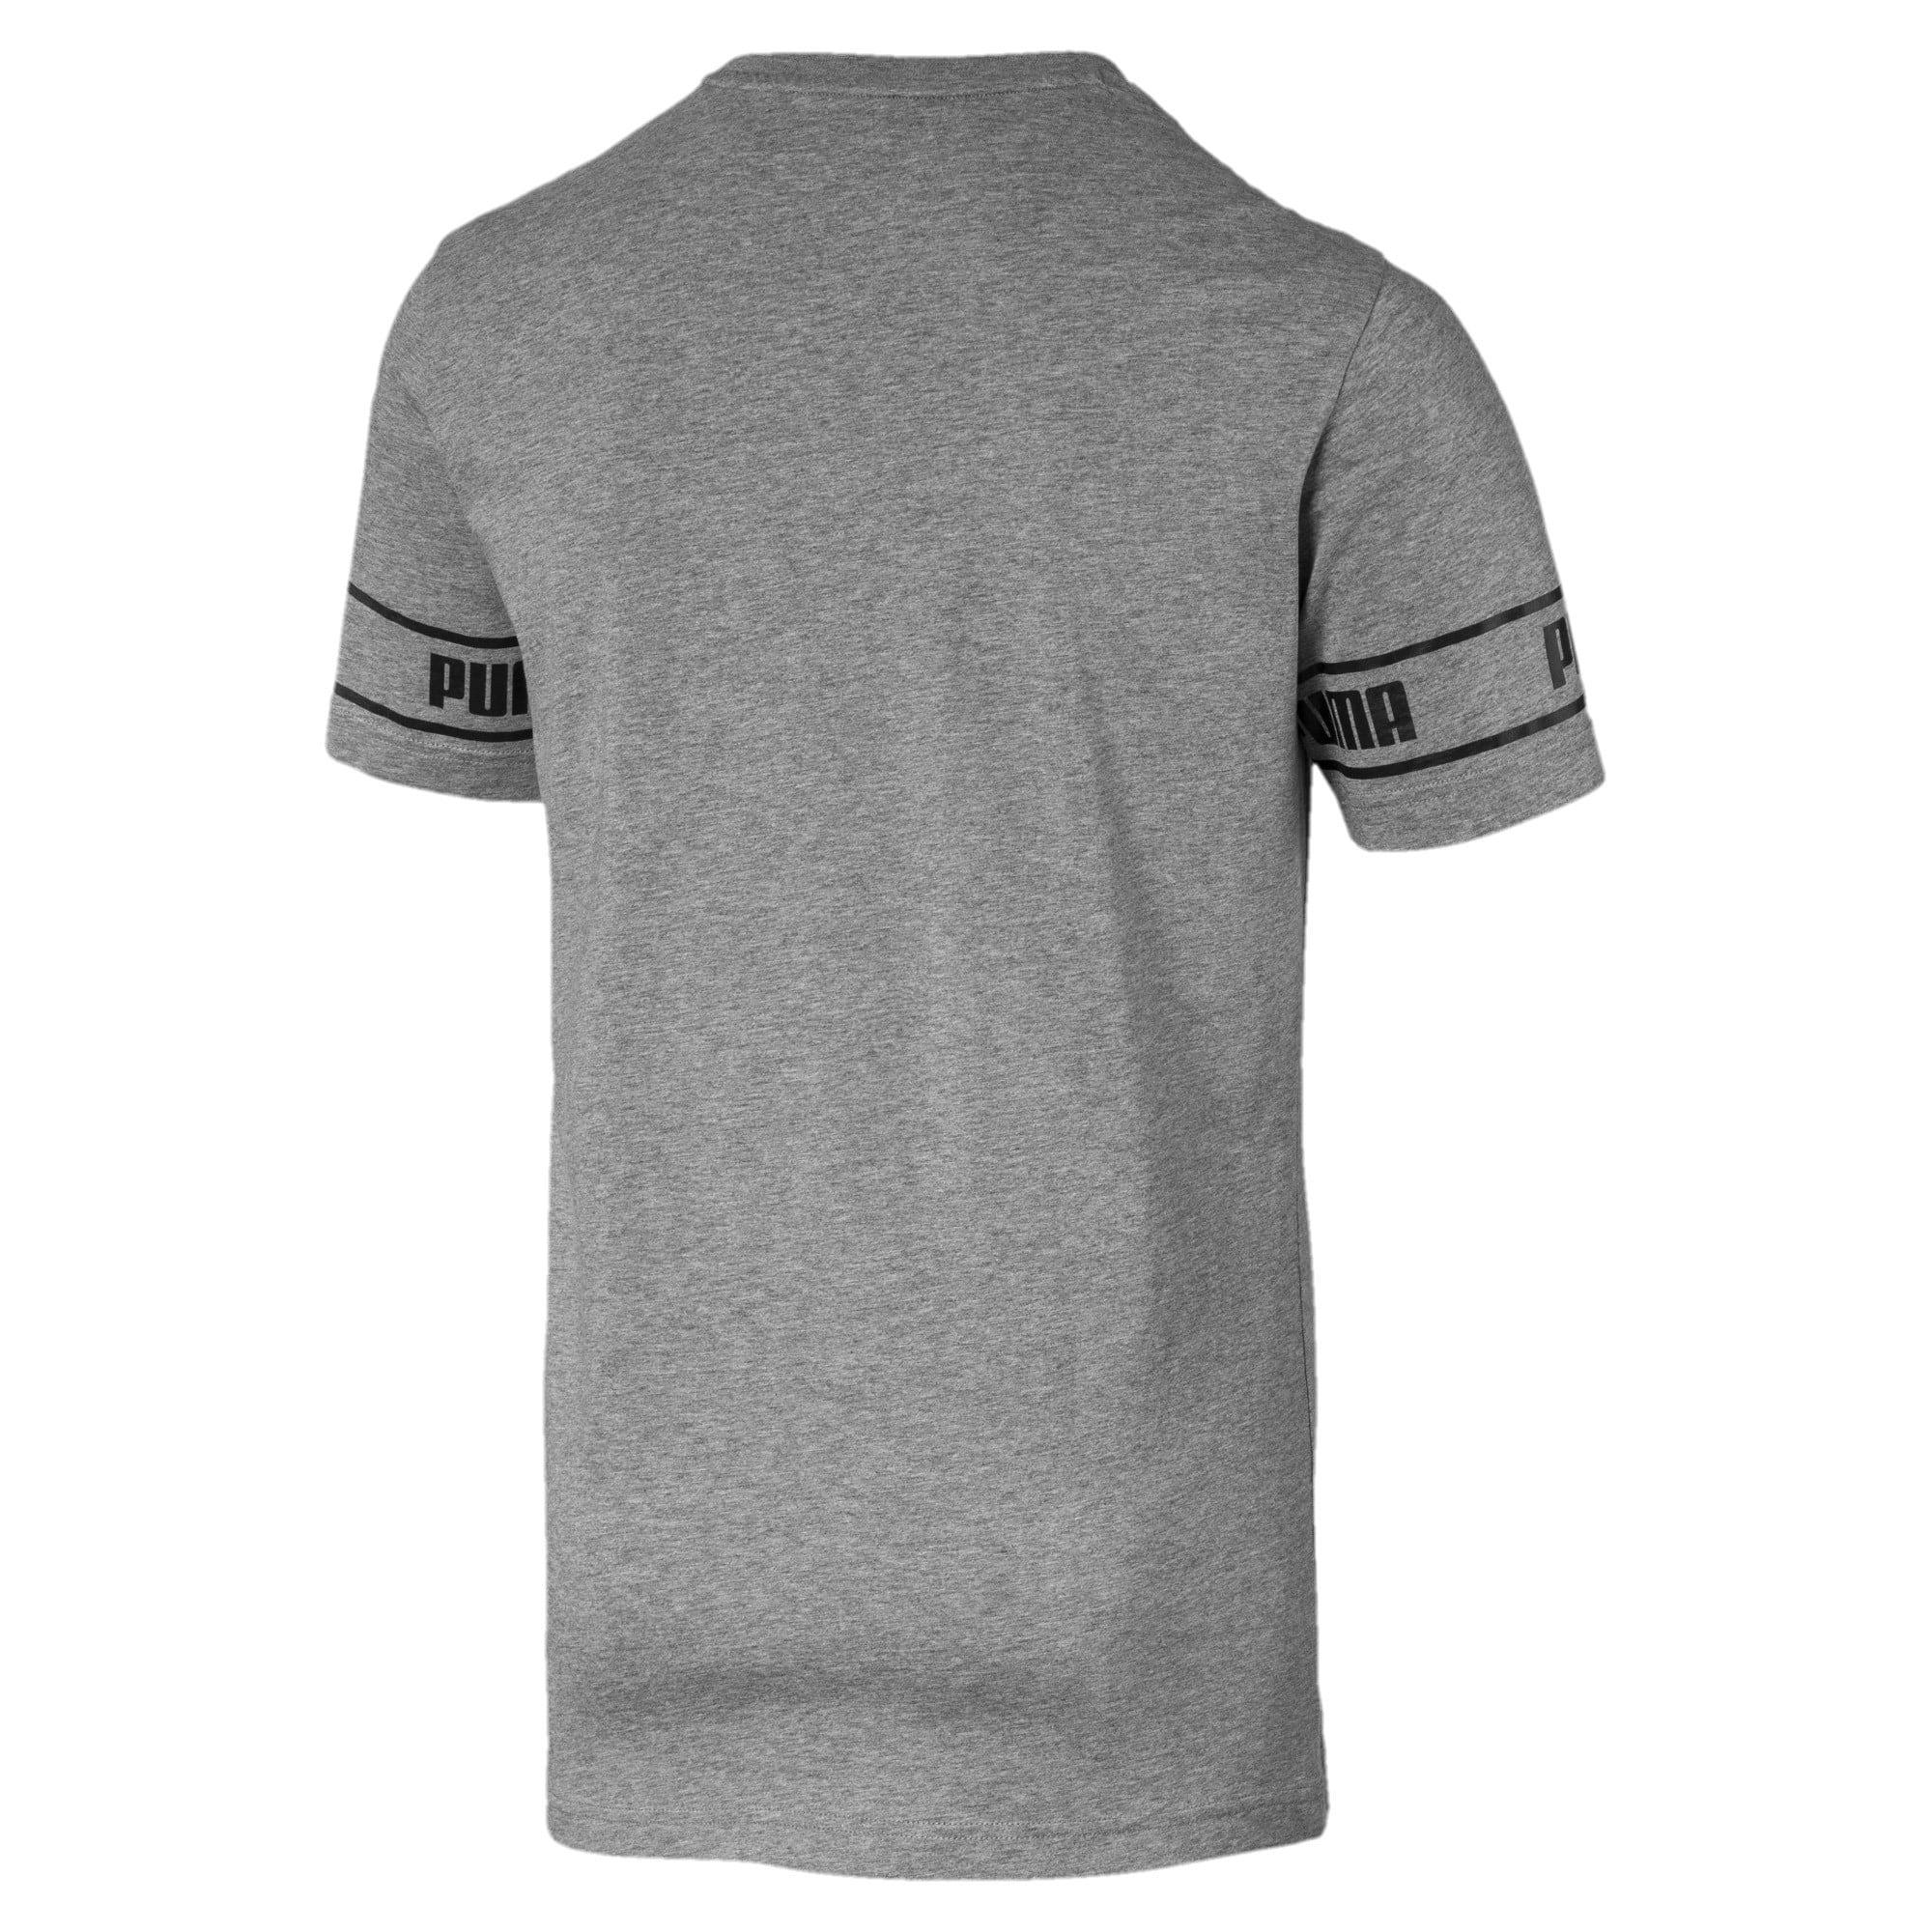 Thumbnail 5 of Meska koszulka Amplified, Medium Gray Heather, medium